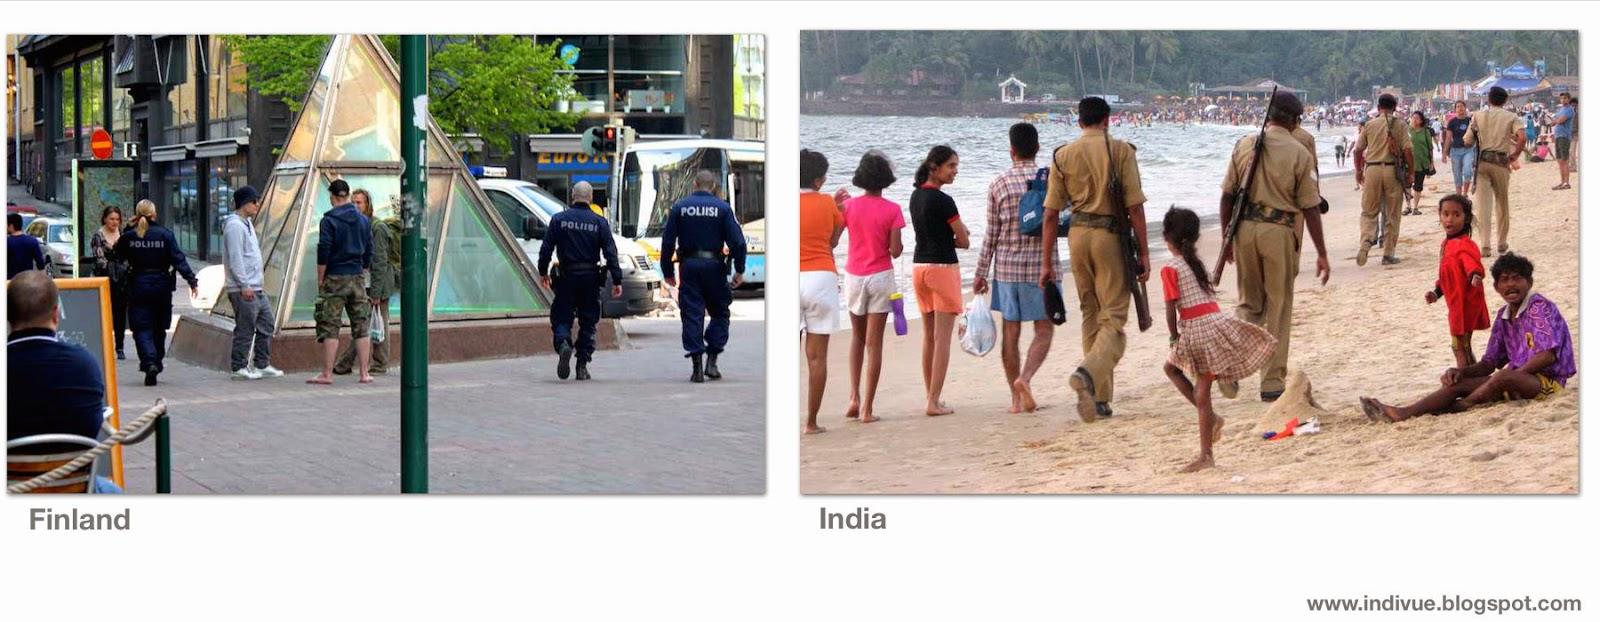 Suomalainen ja intialainen poliisi